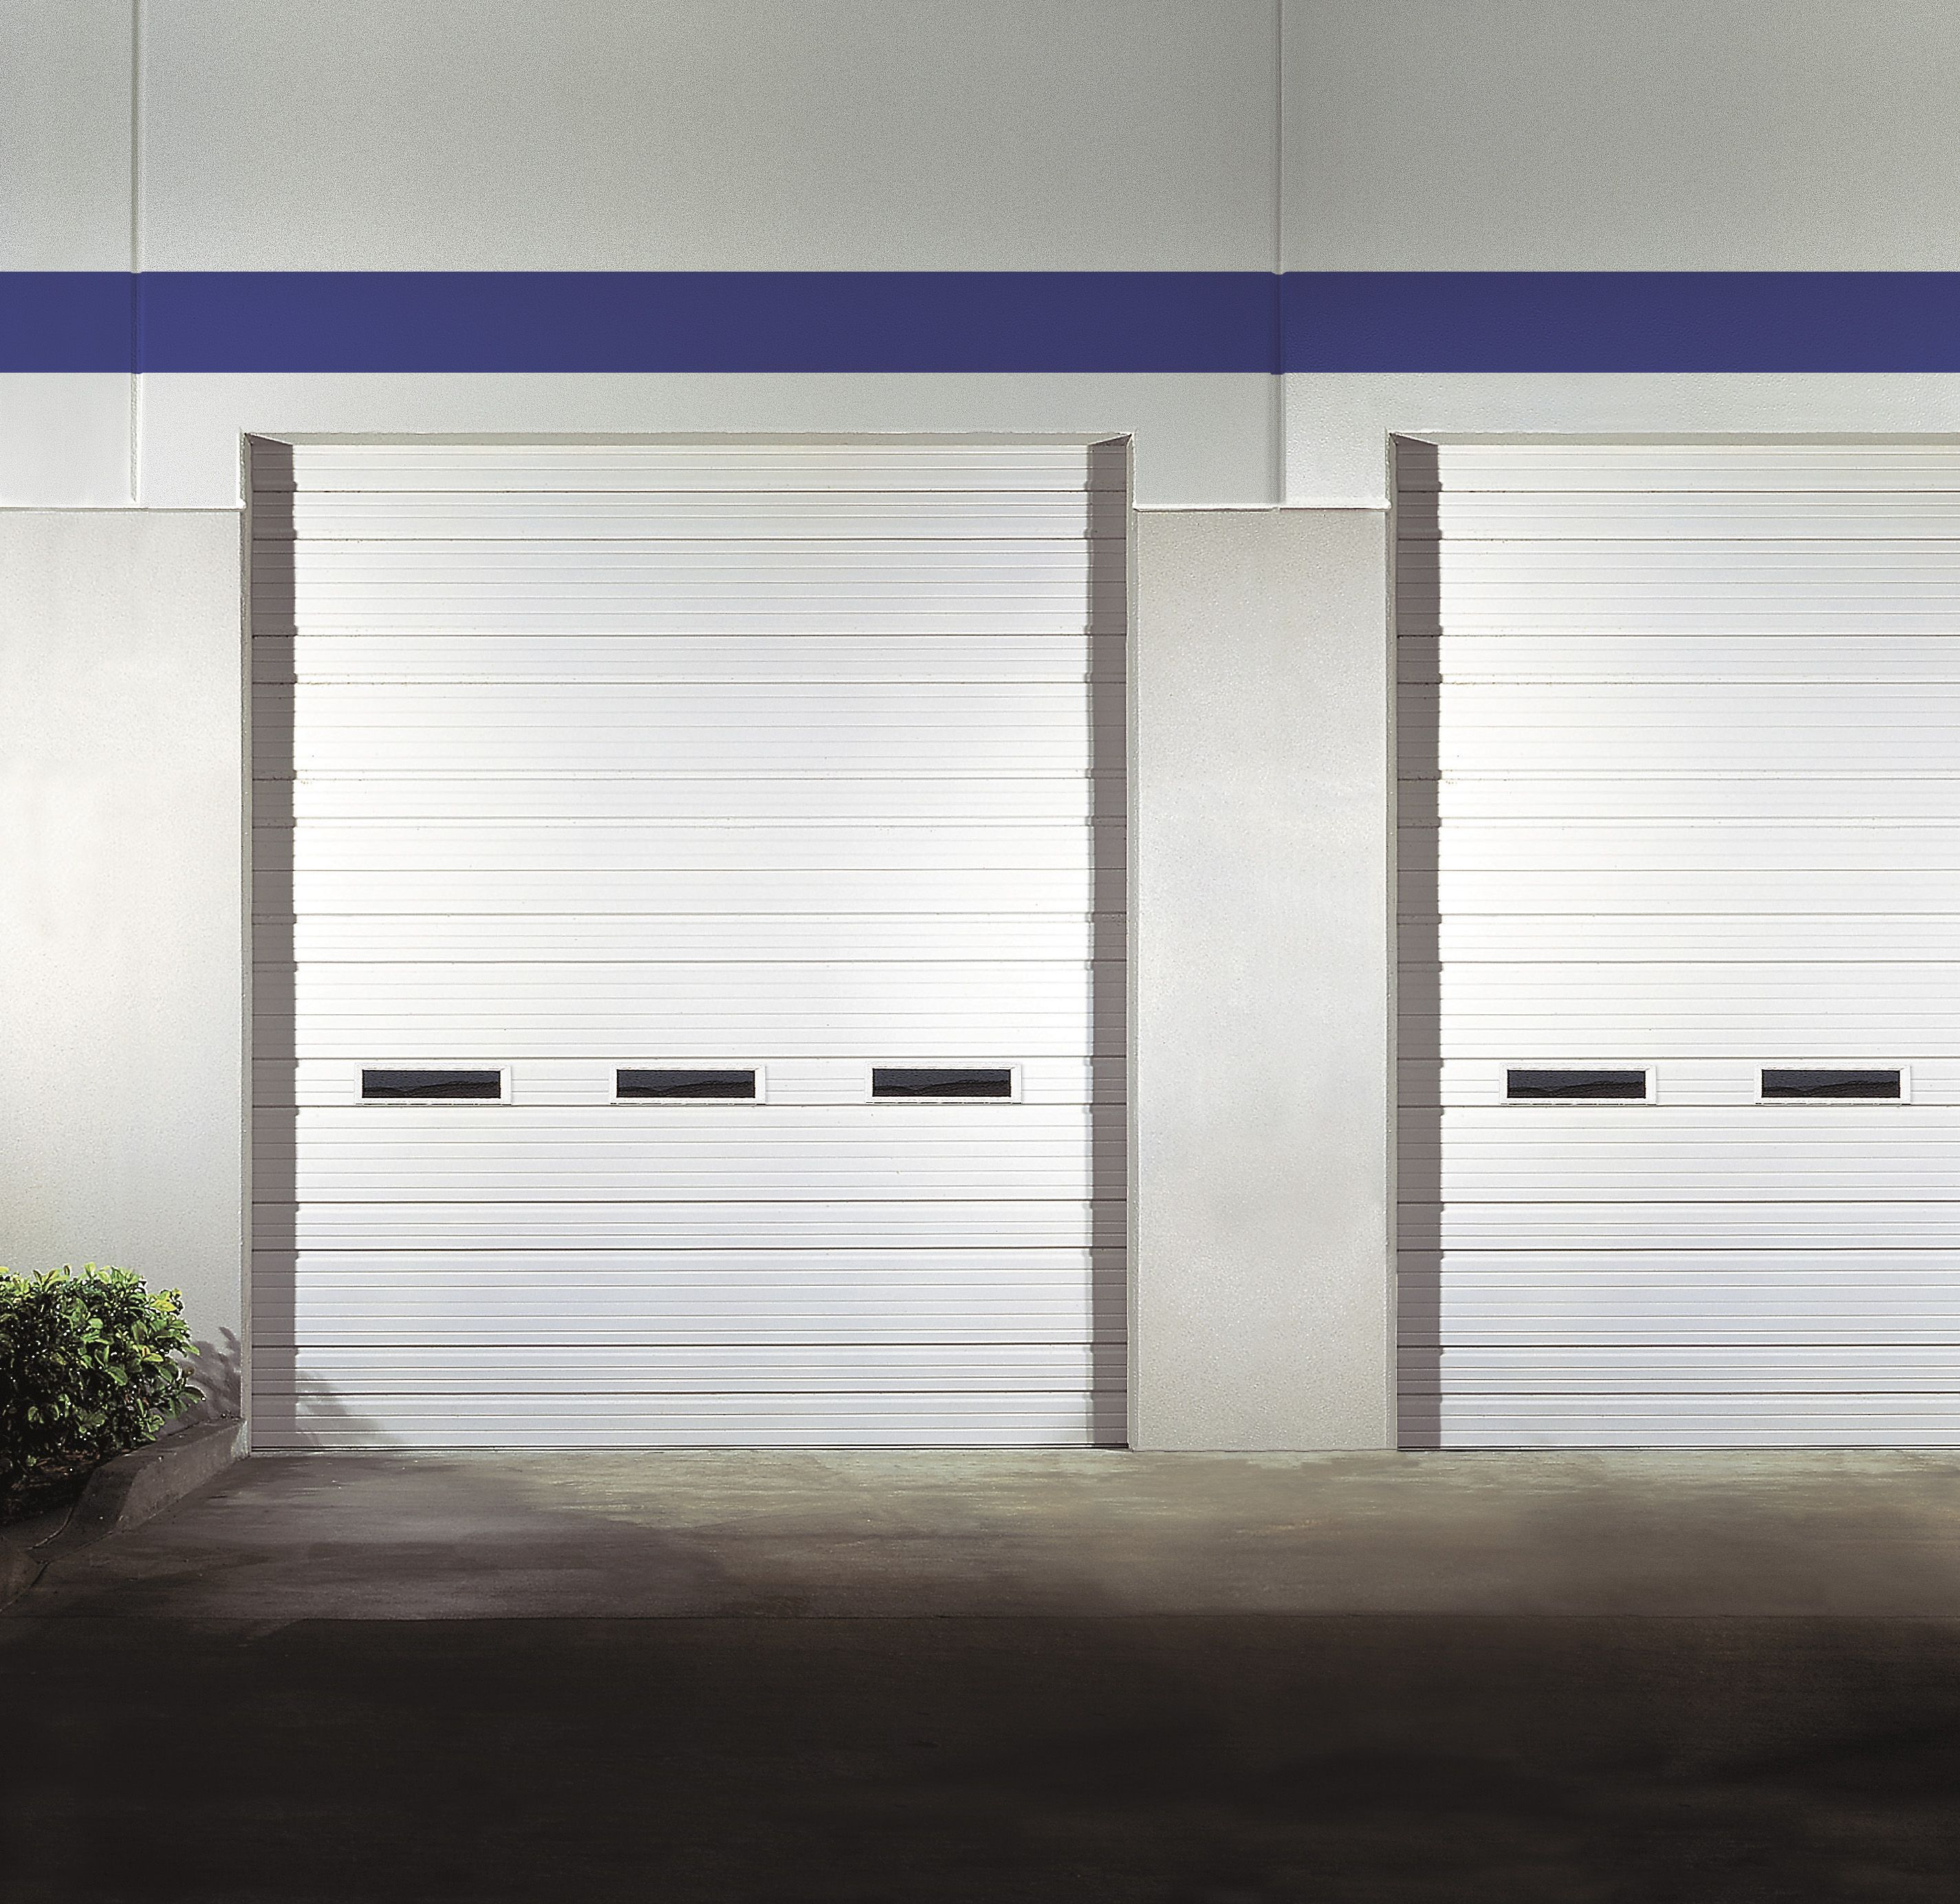 industrial garage door. Commercial Garage Door With Porthole Window Industrial I